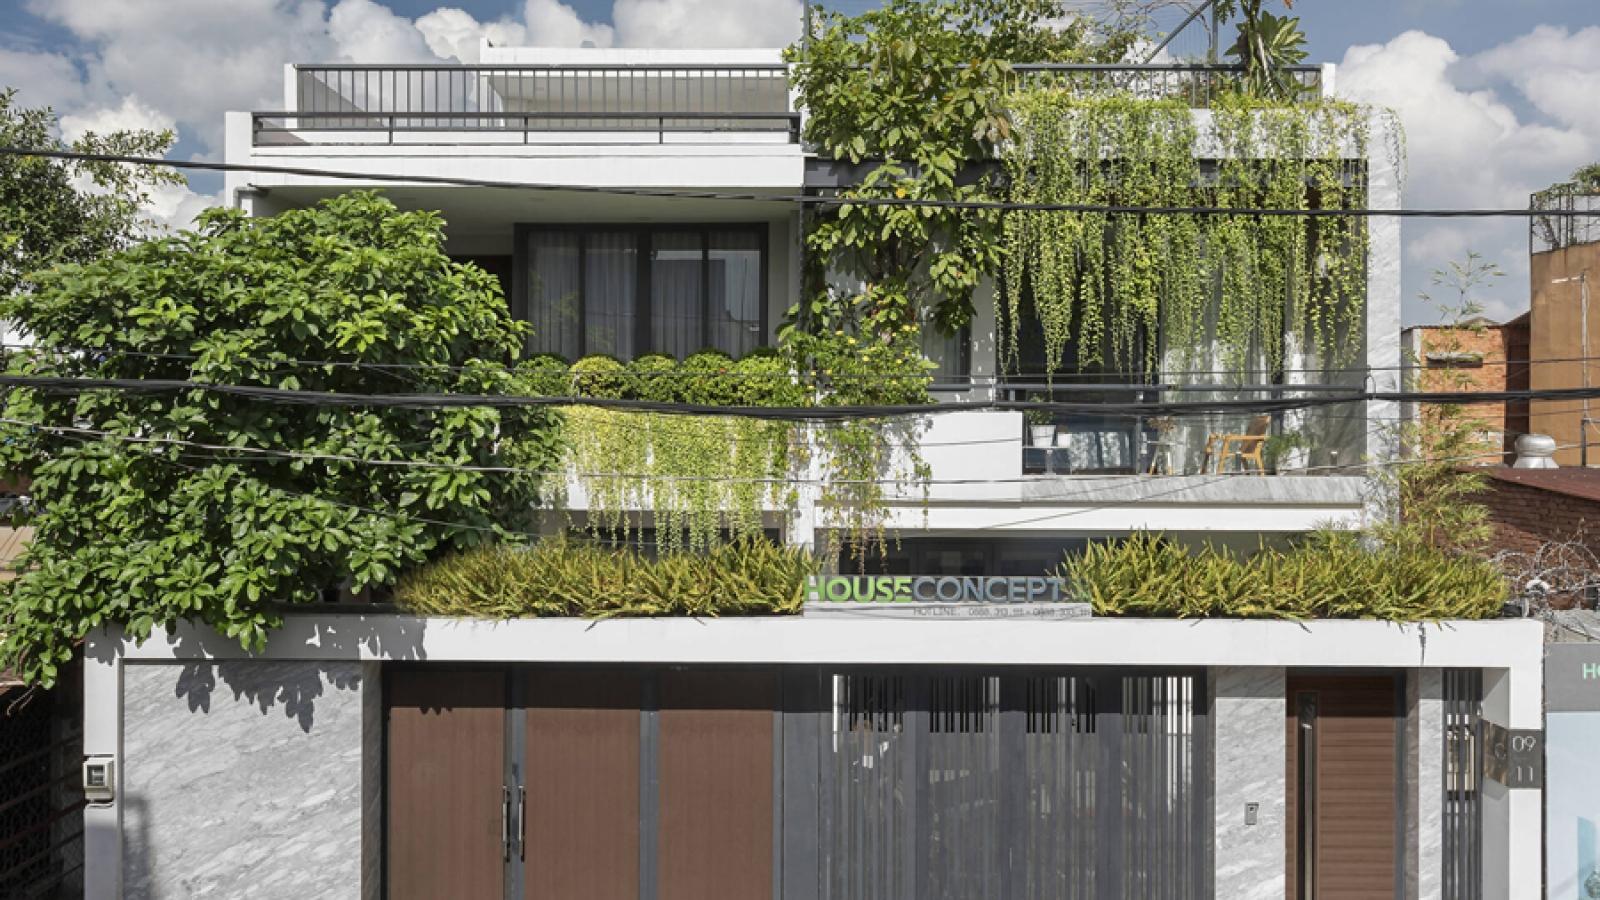 Thú vị ngôi nhà kết nối mặt tiền với nhà hàng xóm